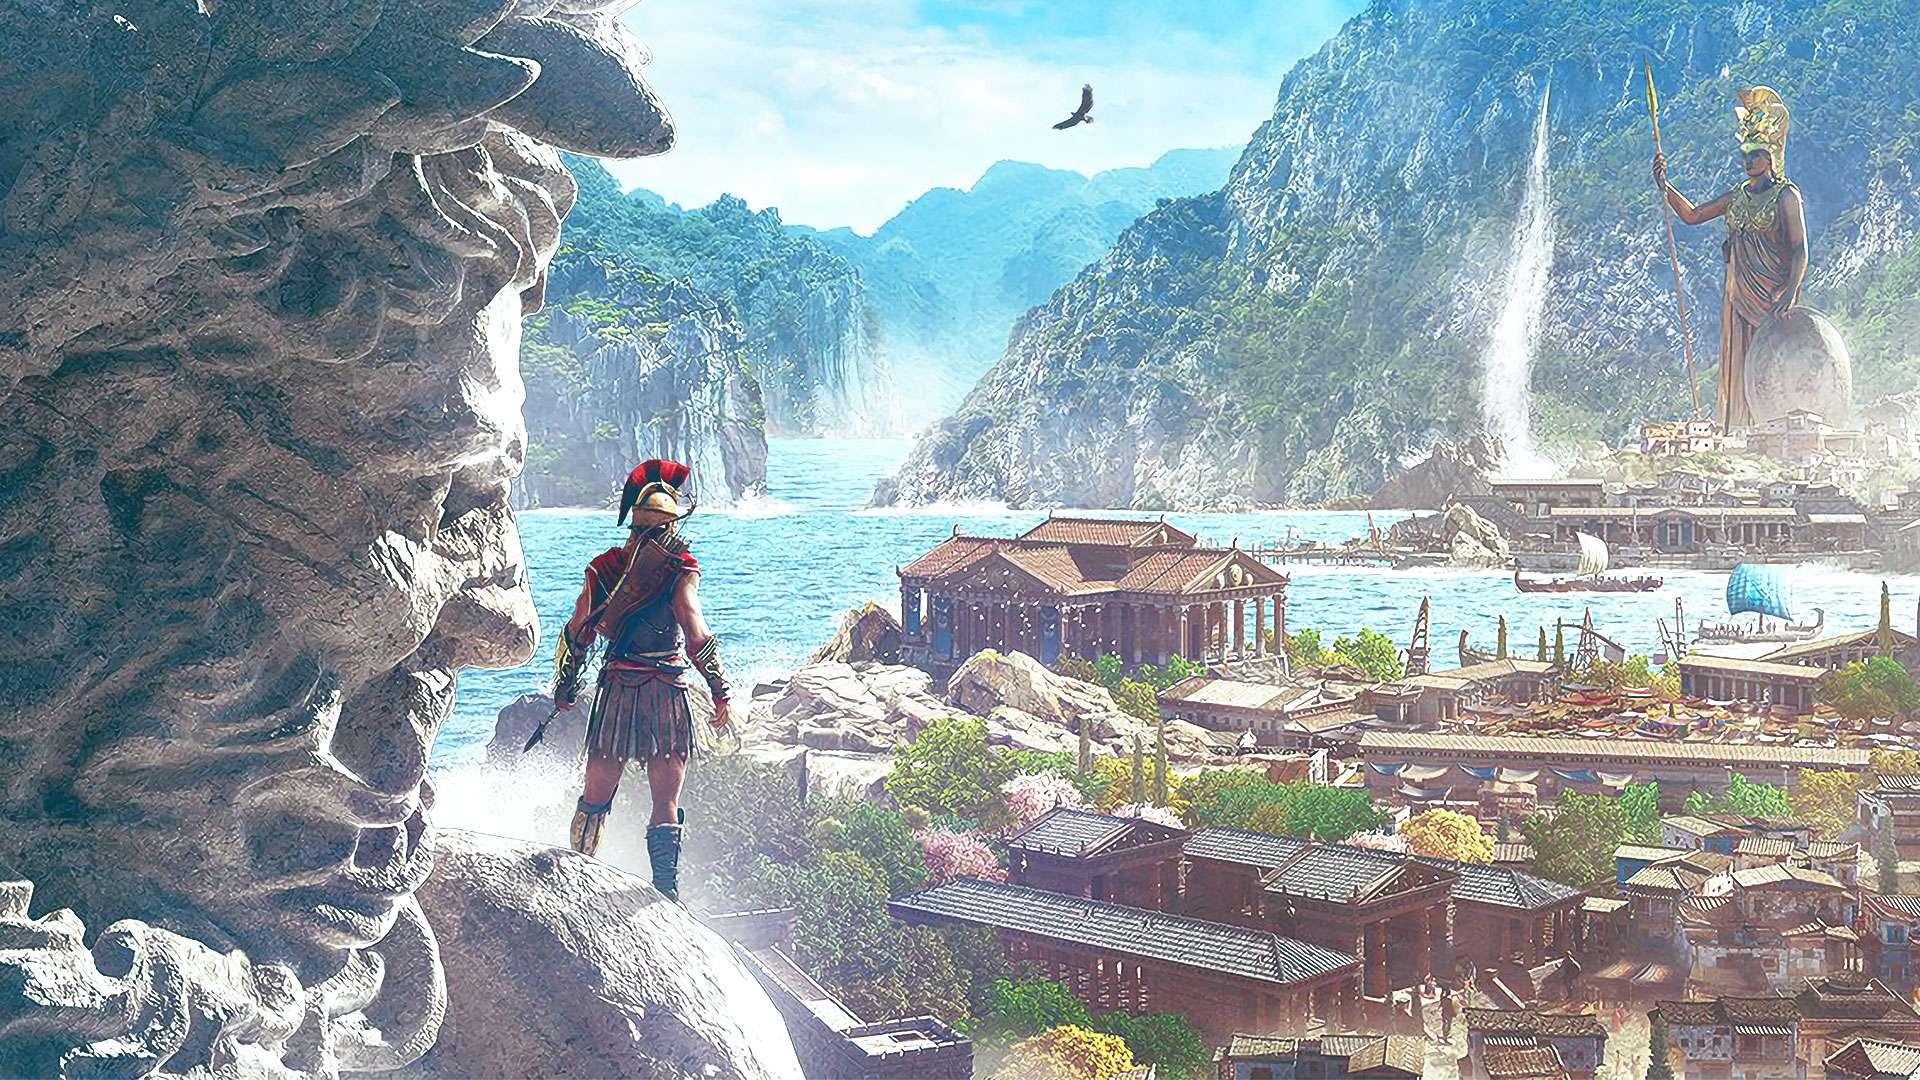 Viaggio nelle ambientazioni di Assassin's Creed